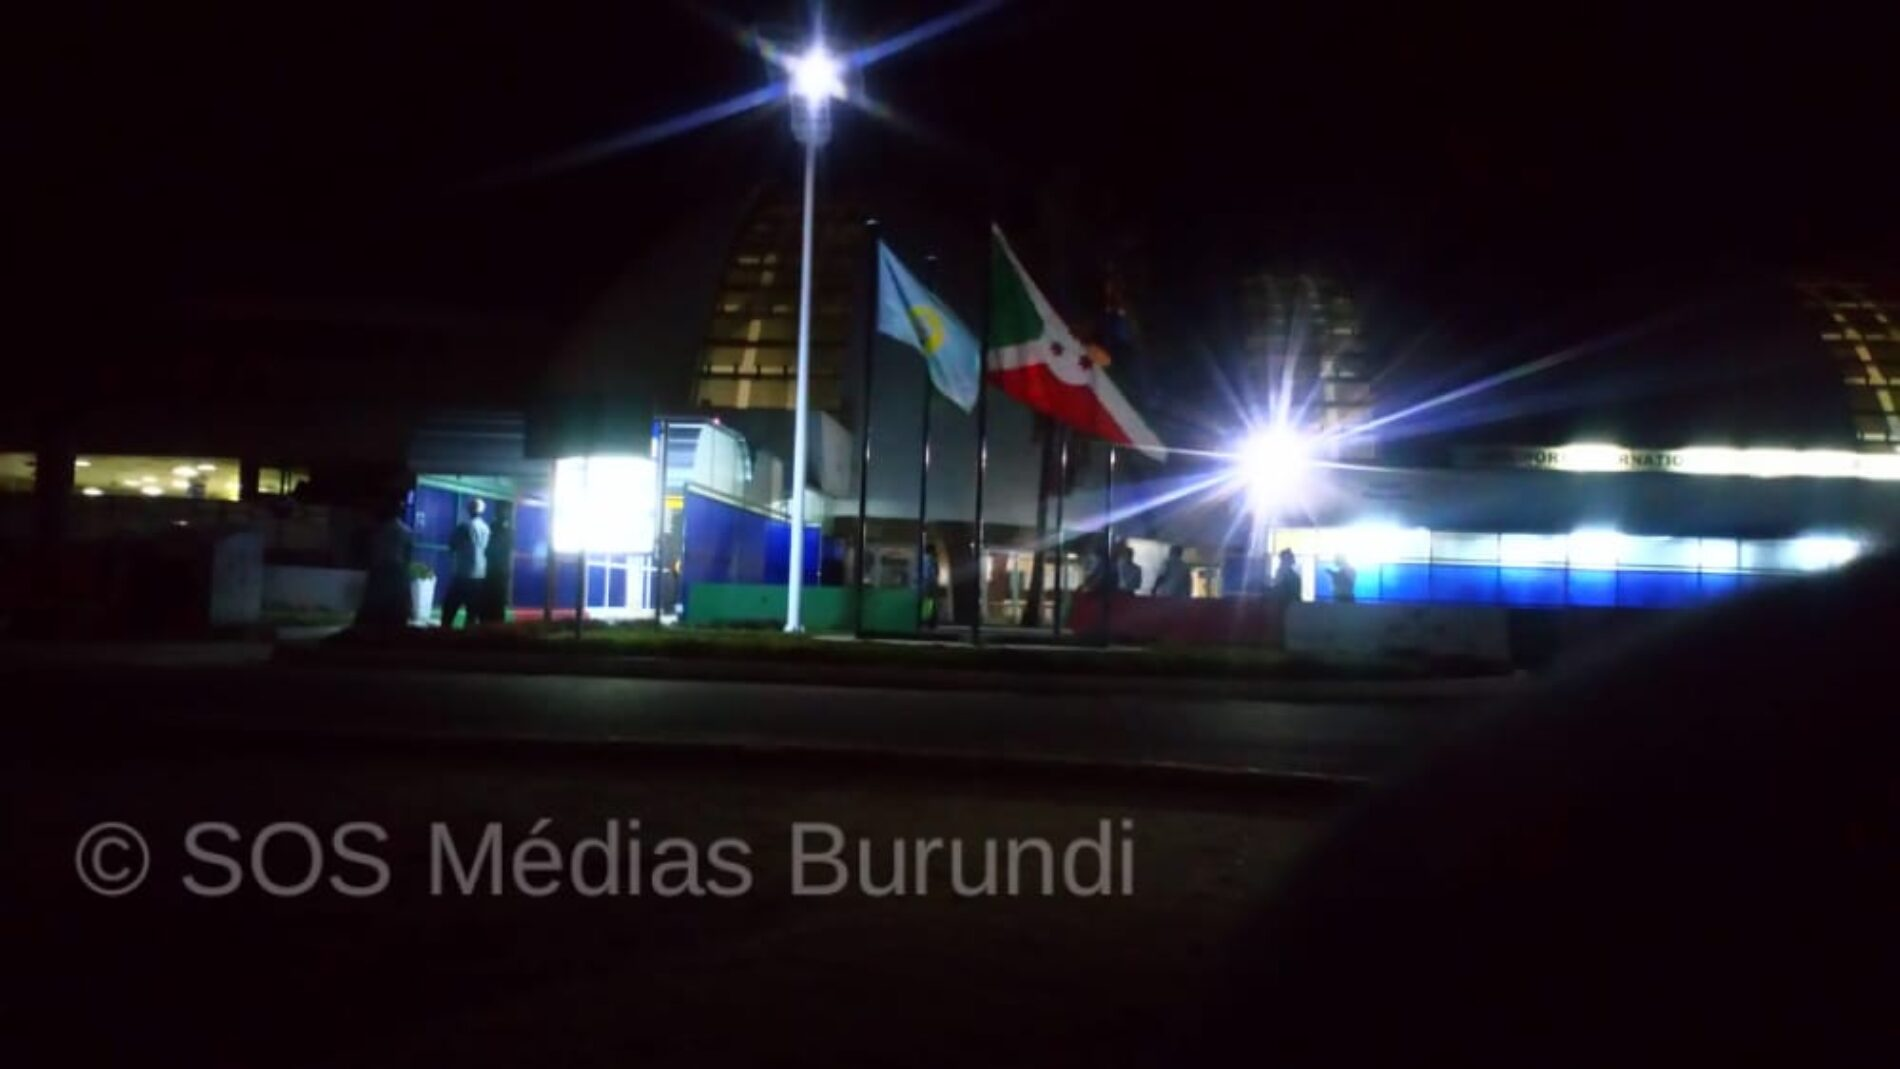 Burundi : des explosions à l'aéroport de Bujumbura